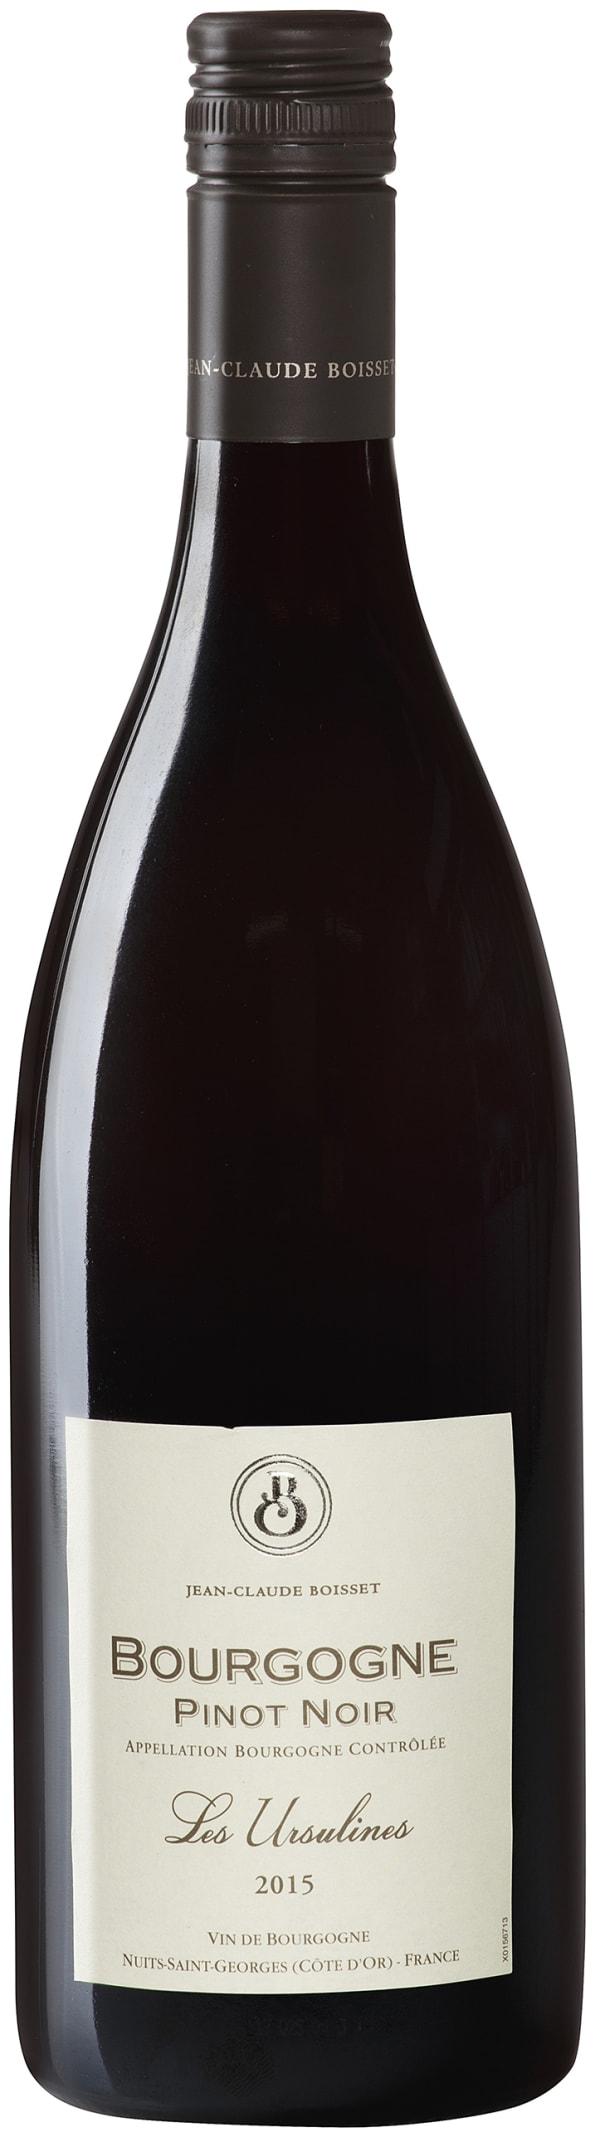 Jean-Claude Boisset Les Ursulines Pinot Noir 2015